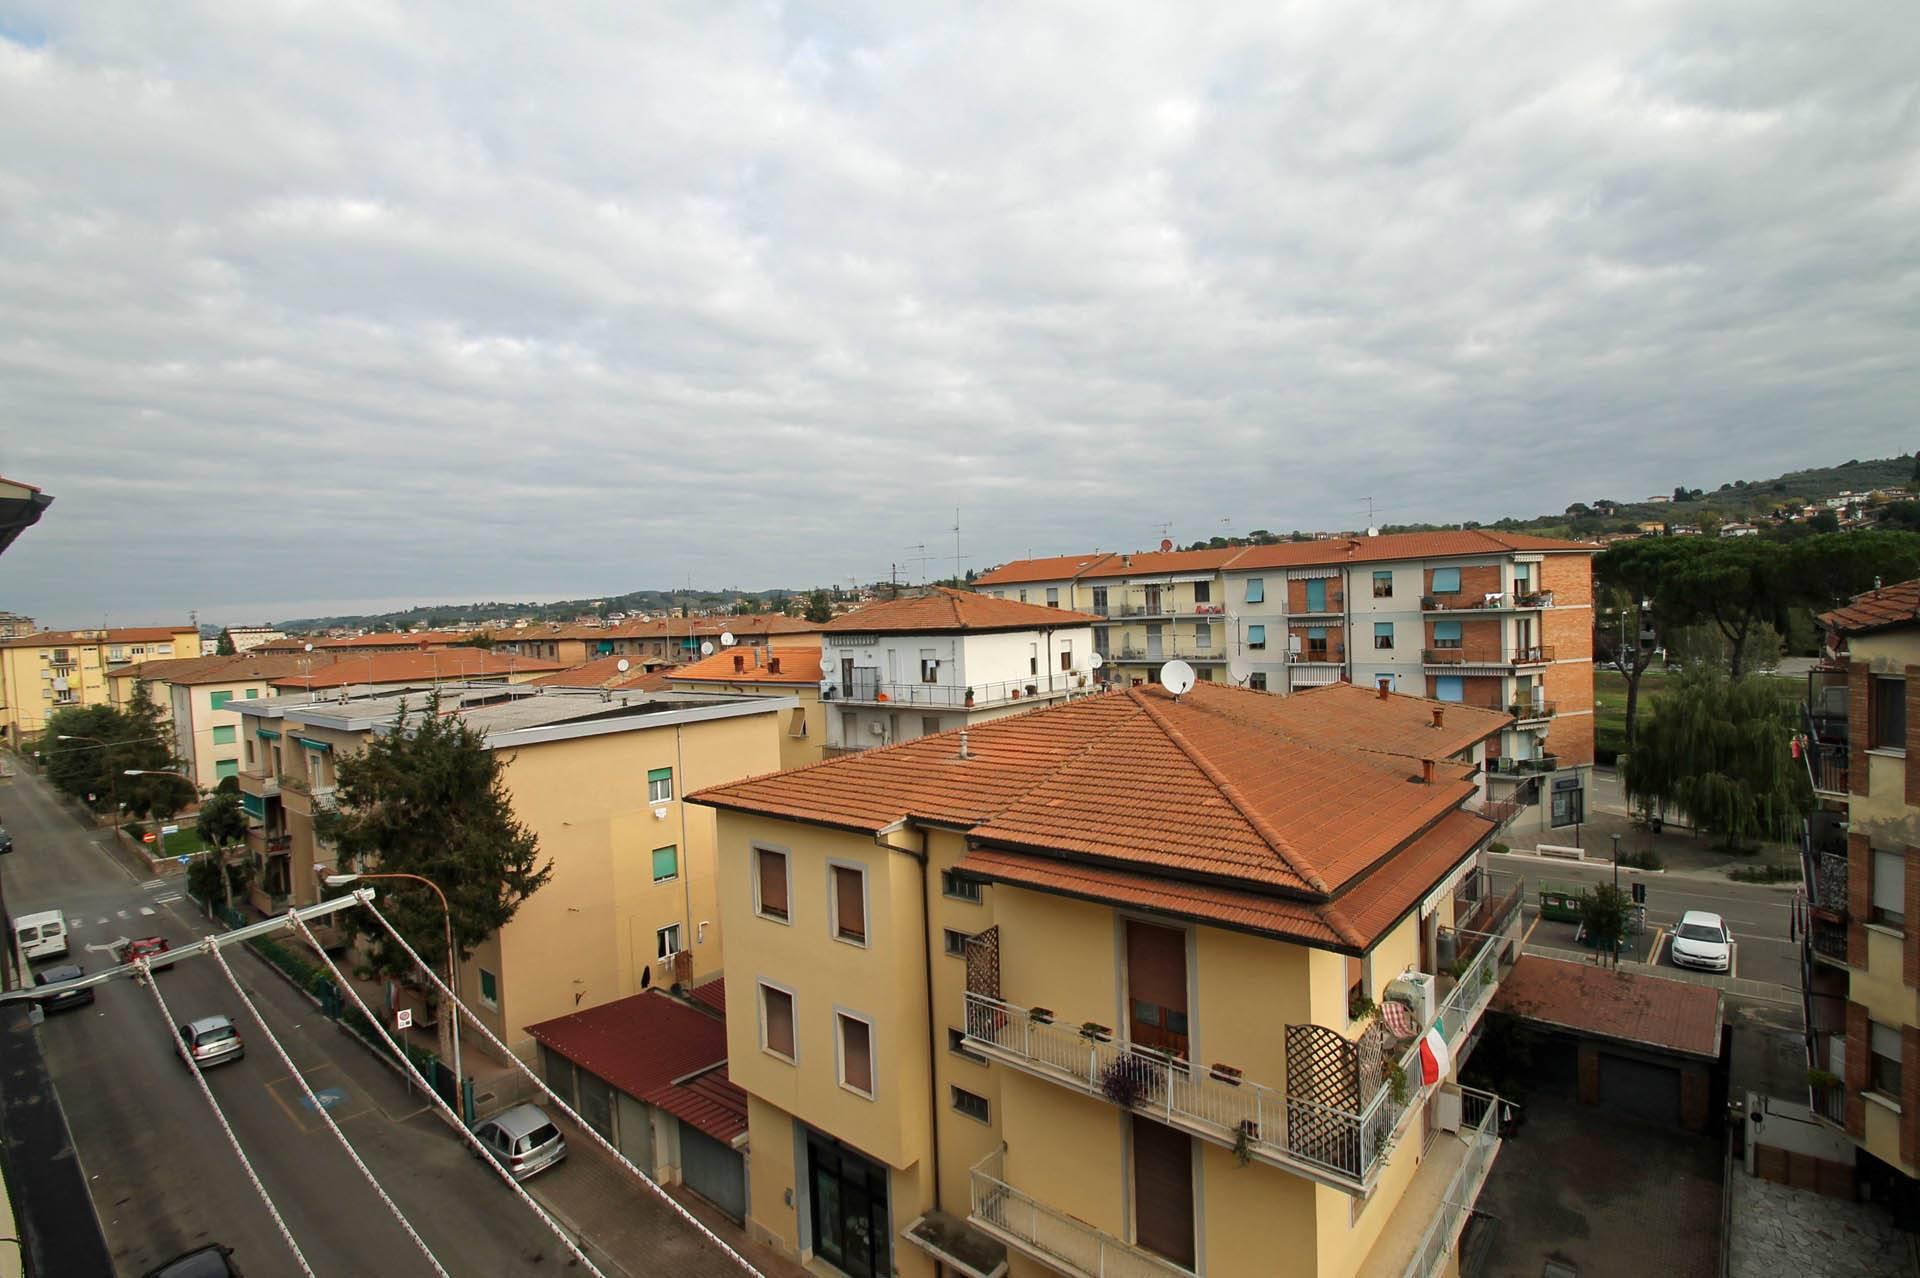 R/46-panorama